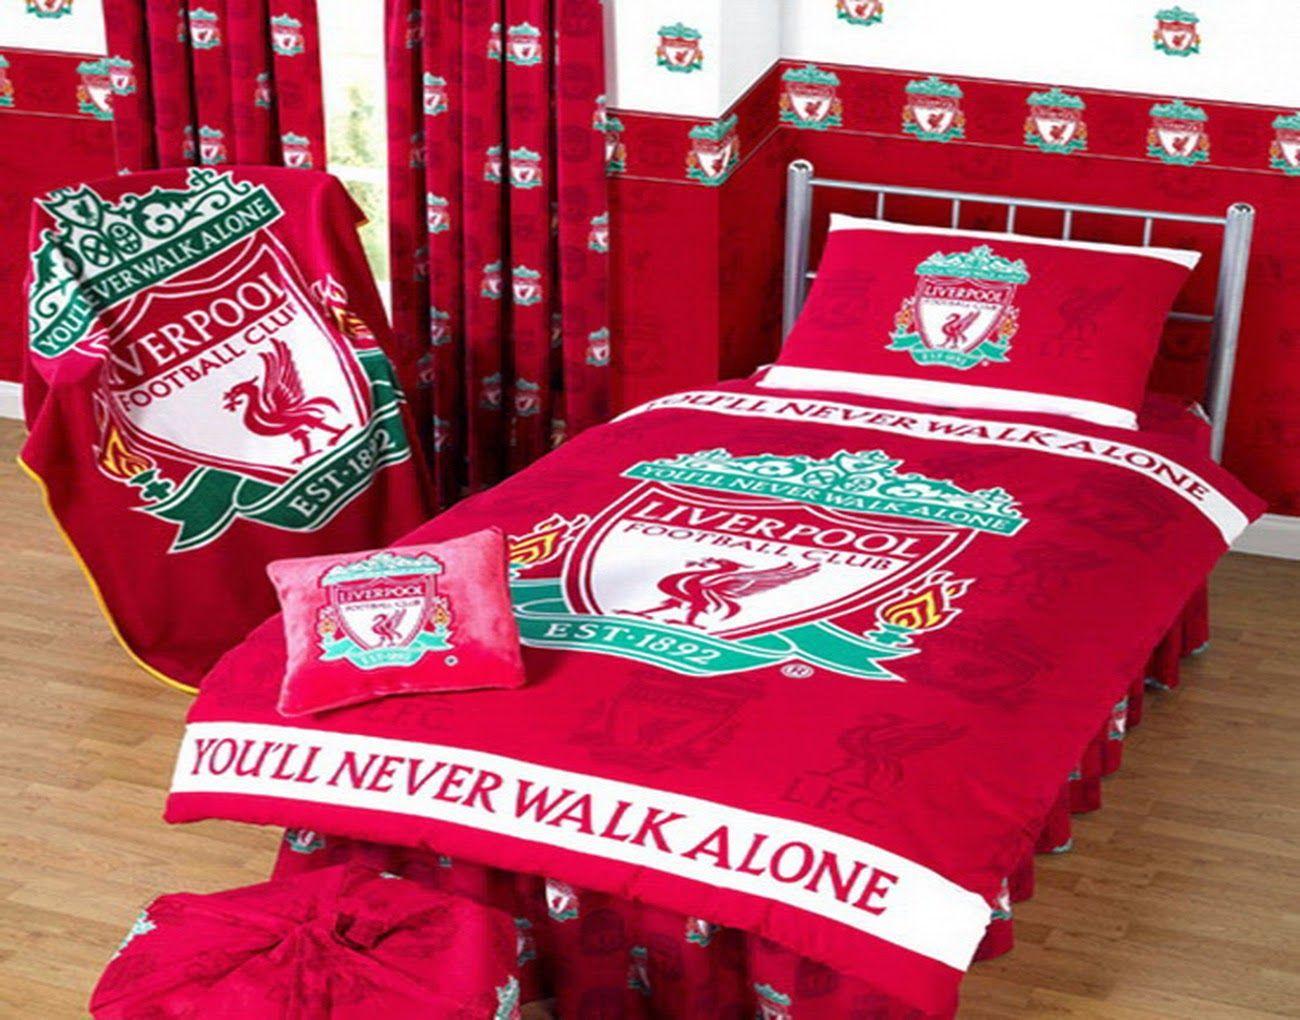 Liverpool Bedroom Accessories Dekorasi Kamar Tidur Anak Dengan Pernik Liverpool Fc Rg Home